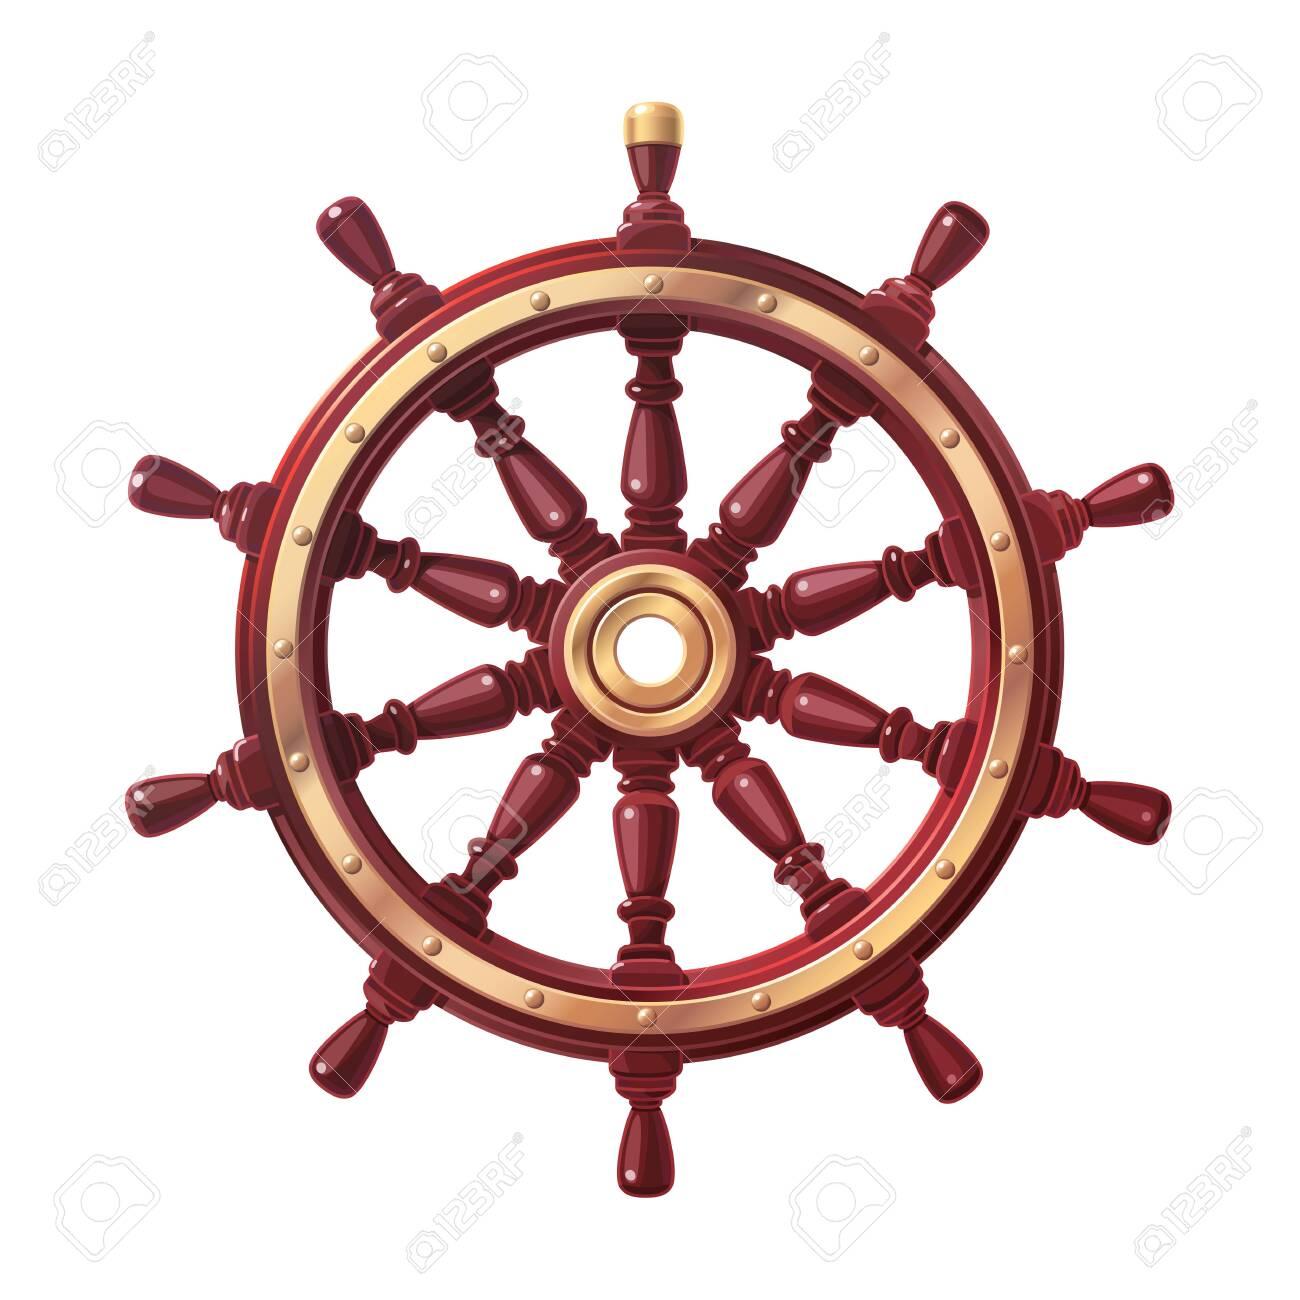 vector boat handwheel, ship wheel helm. Sea, ocean symbol - 124575654